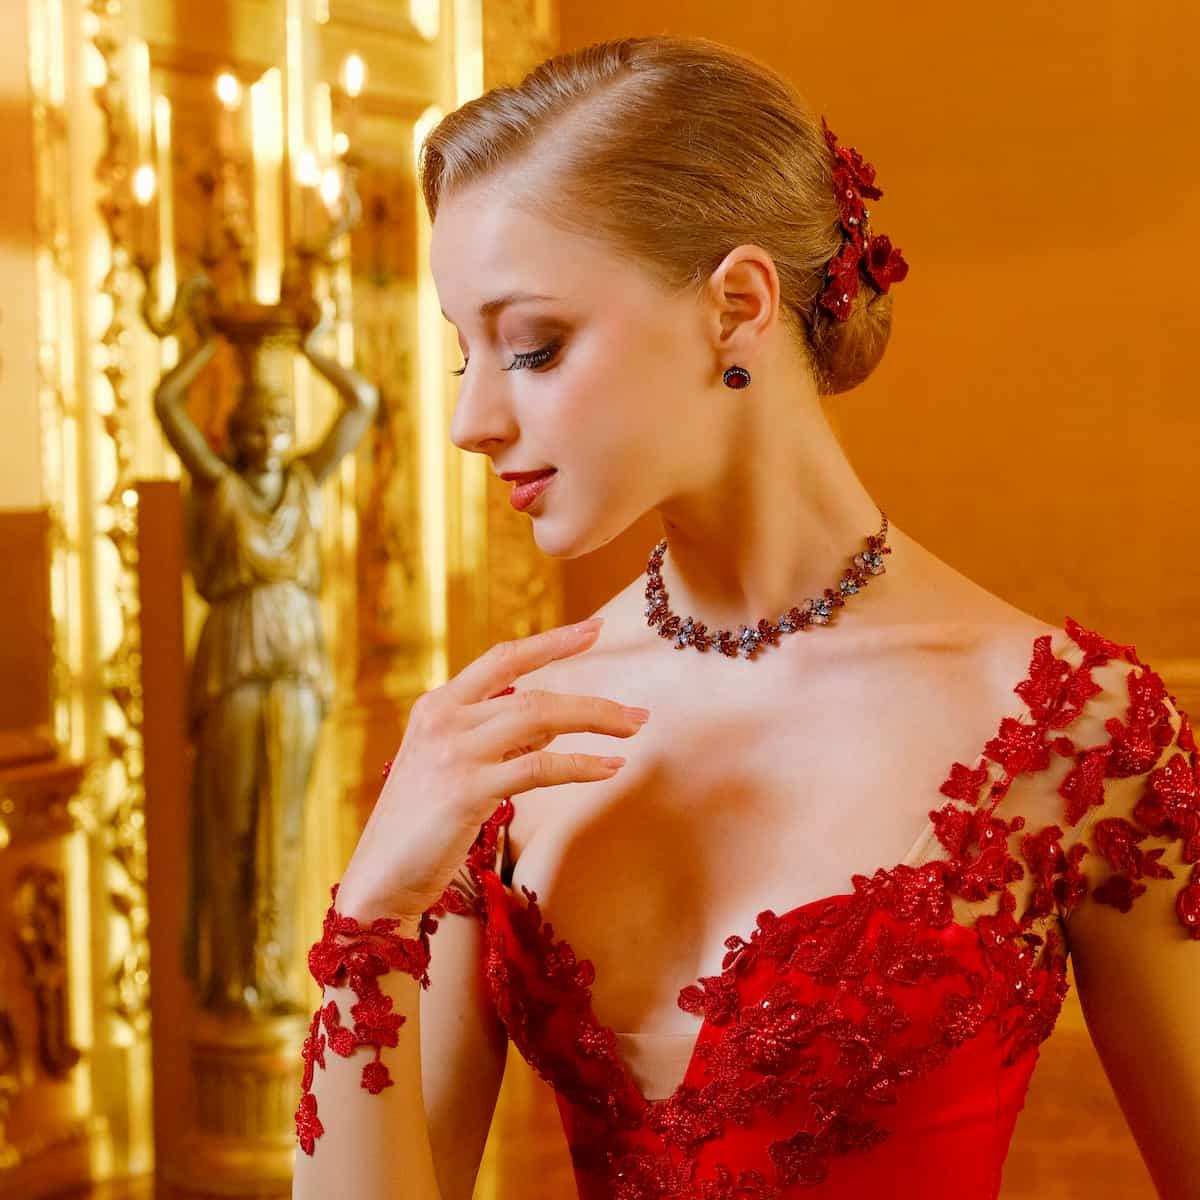 Natascha Mair - Tänzerin beim Ballett zurm Neujahrskonzert 2020 der Wiener Philharmoniker